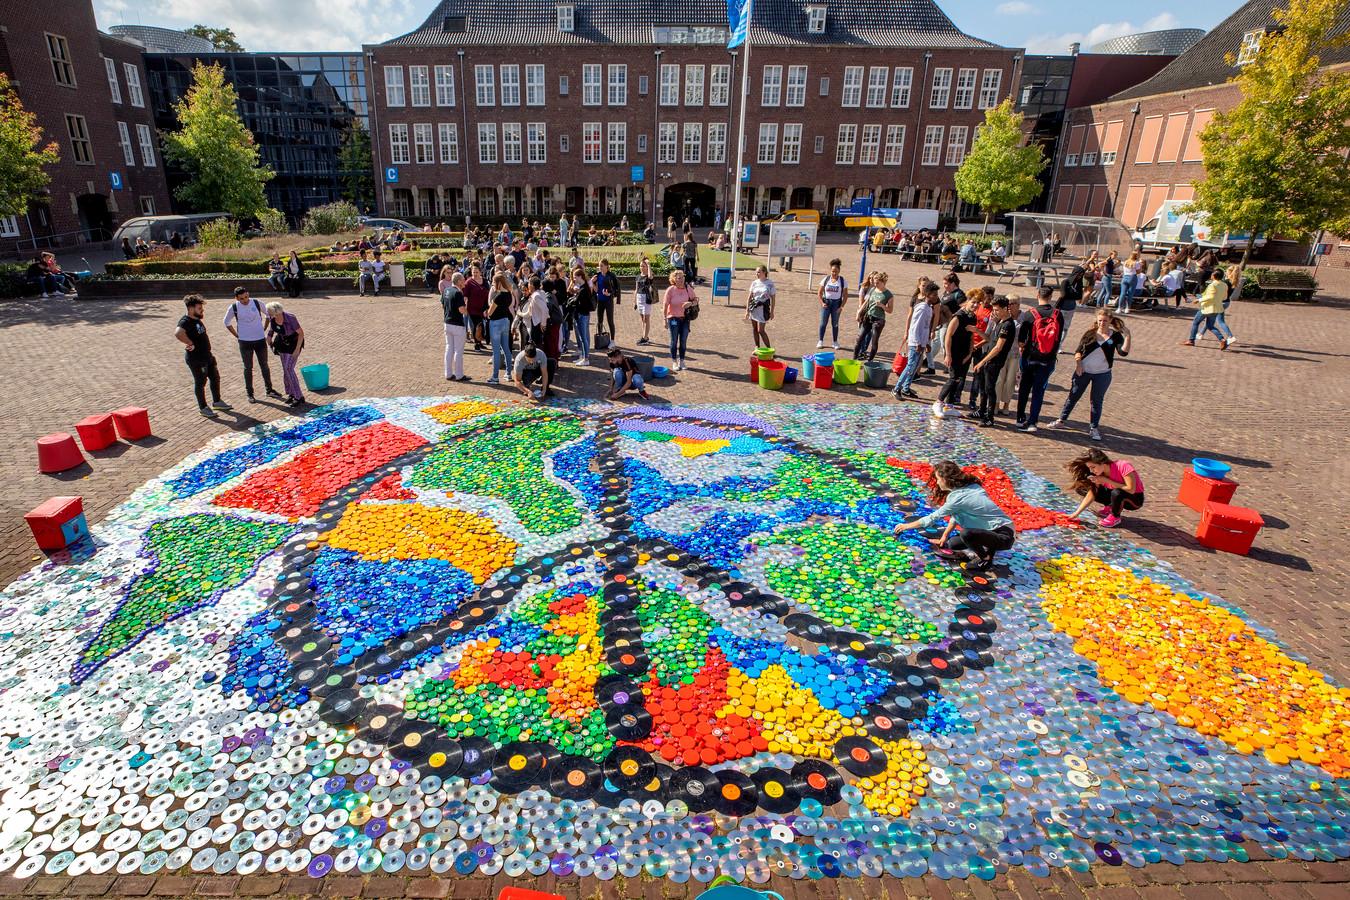 Op het plein van het Koning Willem 1 College in Den Bosch werd woensdag een Tapijt voor Vreede gelegd, gemaakt van cd's, lp's en allerhande doppen.